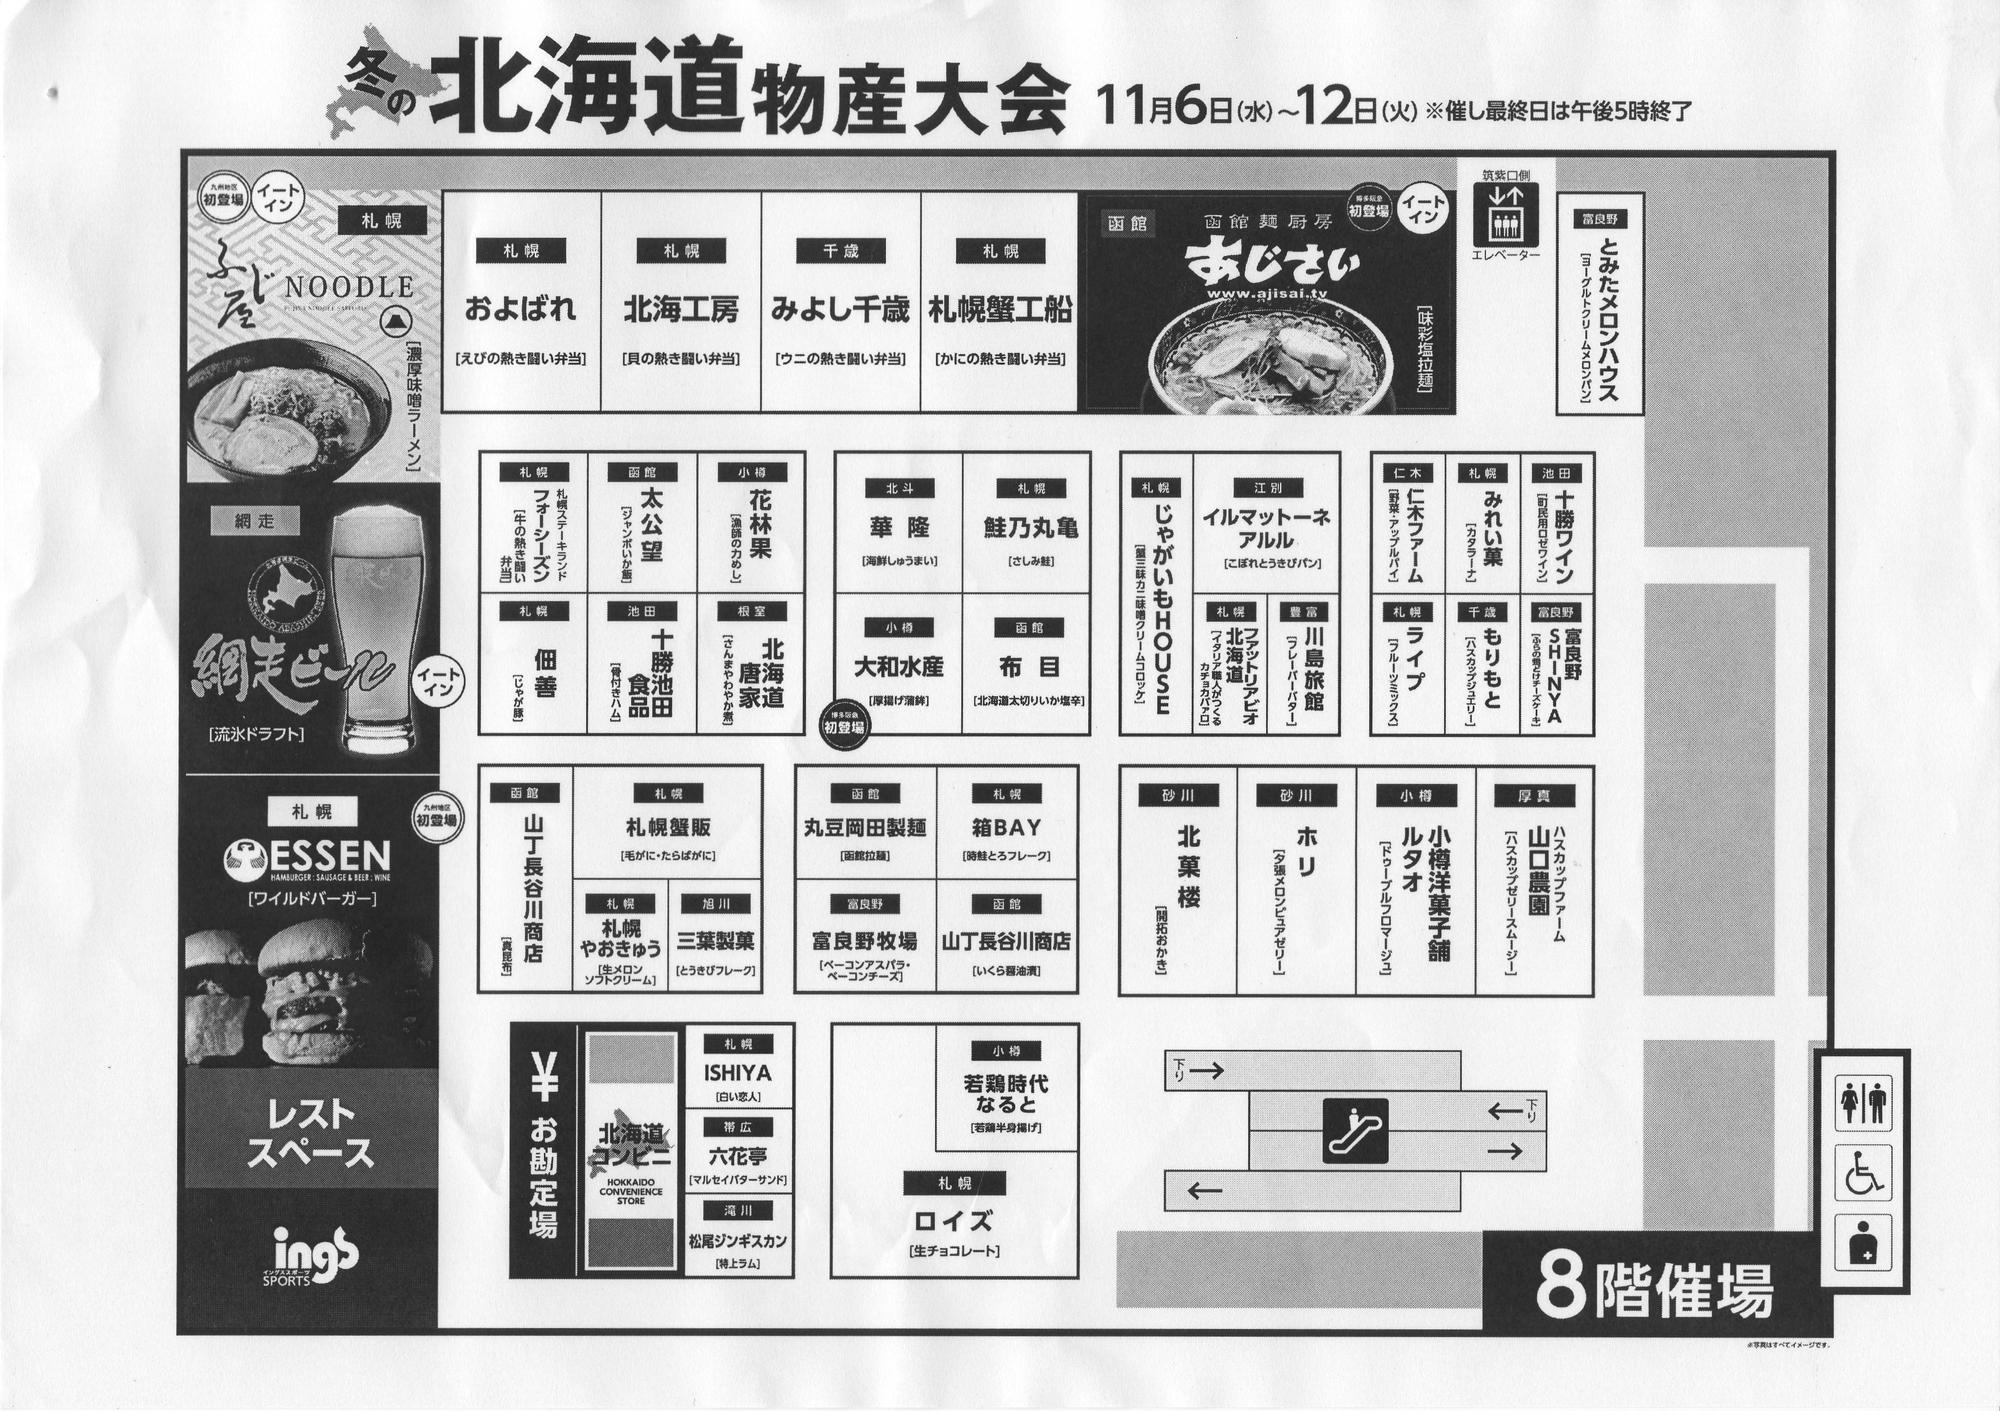 博多阪急 冬の北海道物産大会2019 会場見取り図